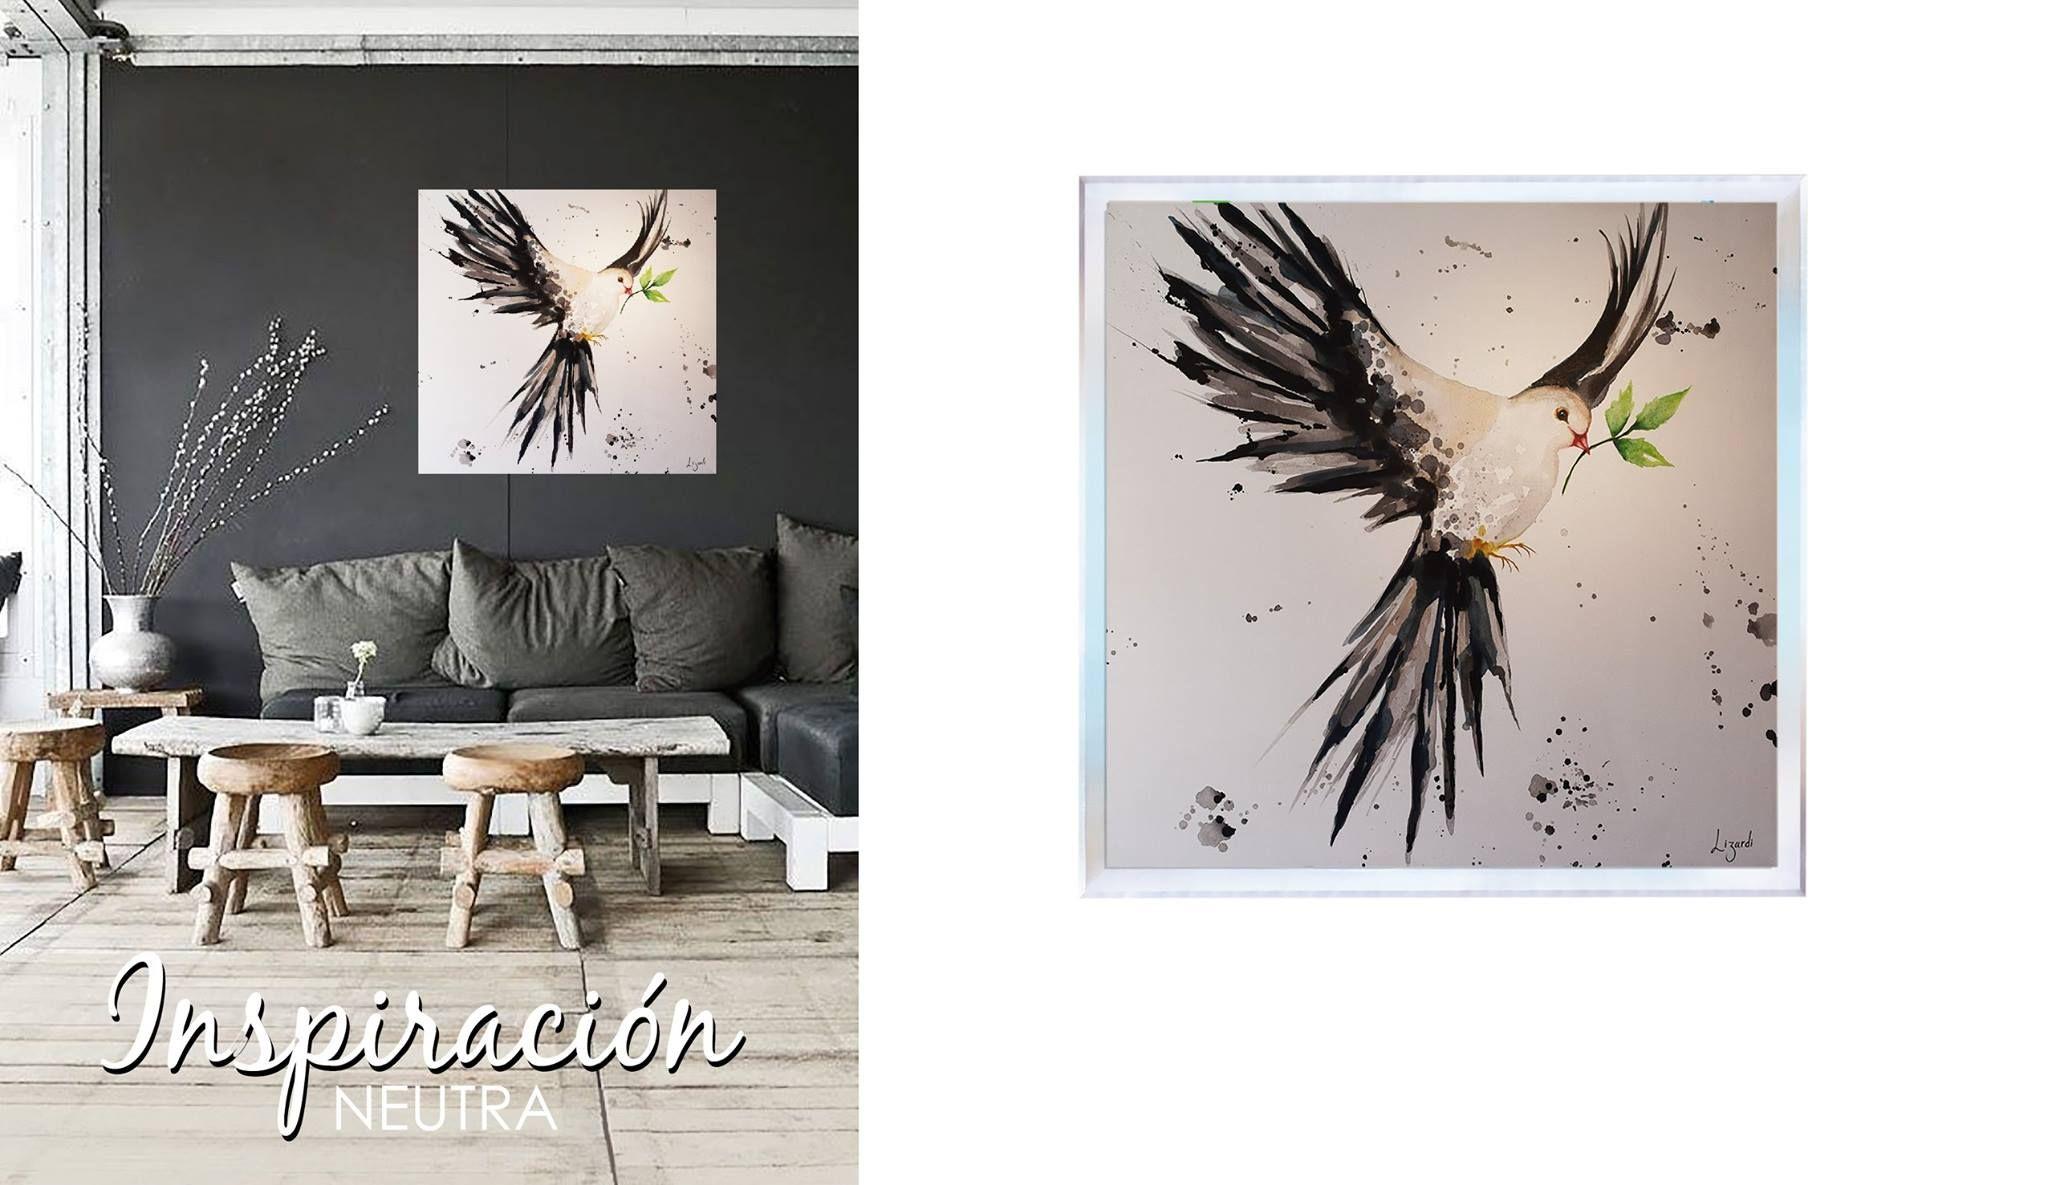 Obras al óleo: Mucha luz colores neutros, para personalidades inspiradas en el diseño. #amoeldiseño #lizardi